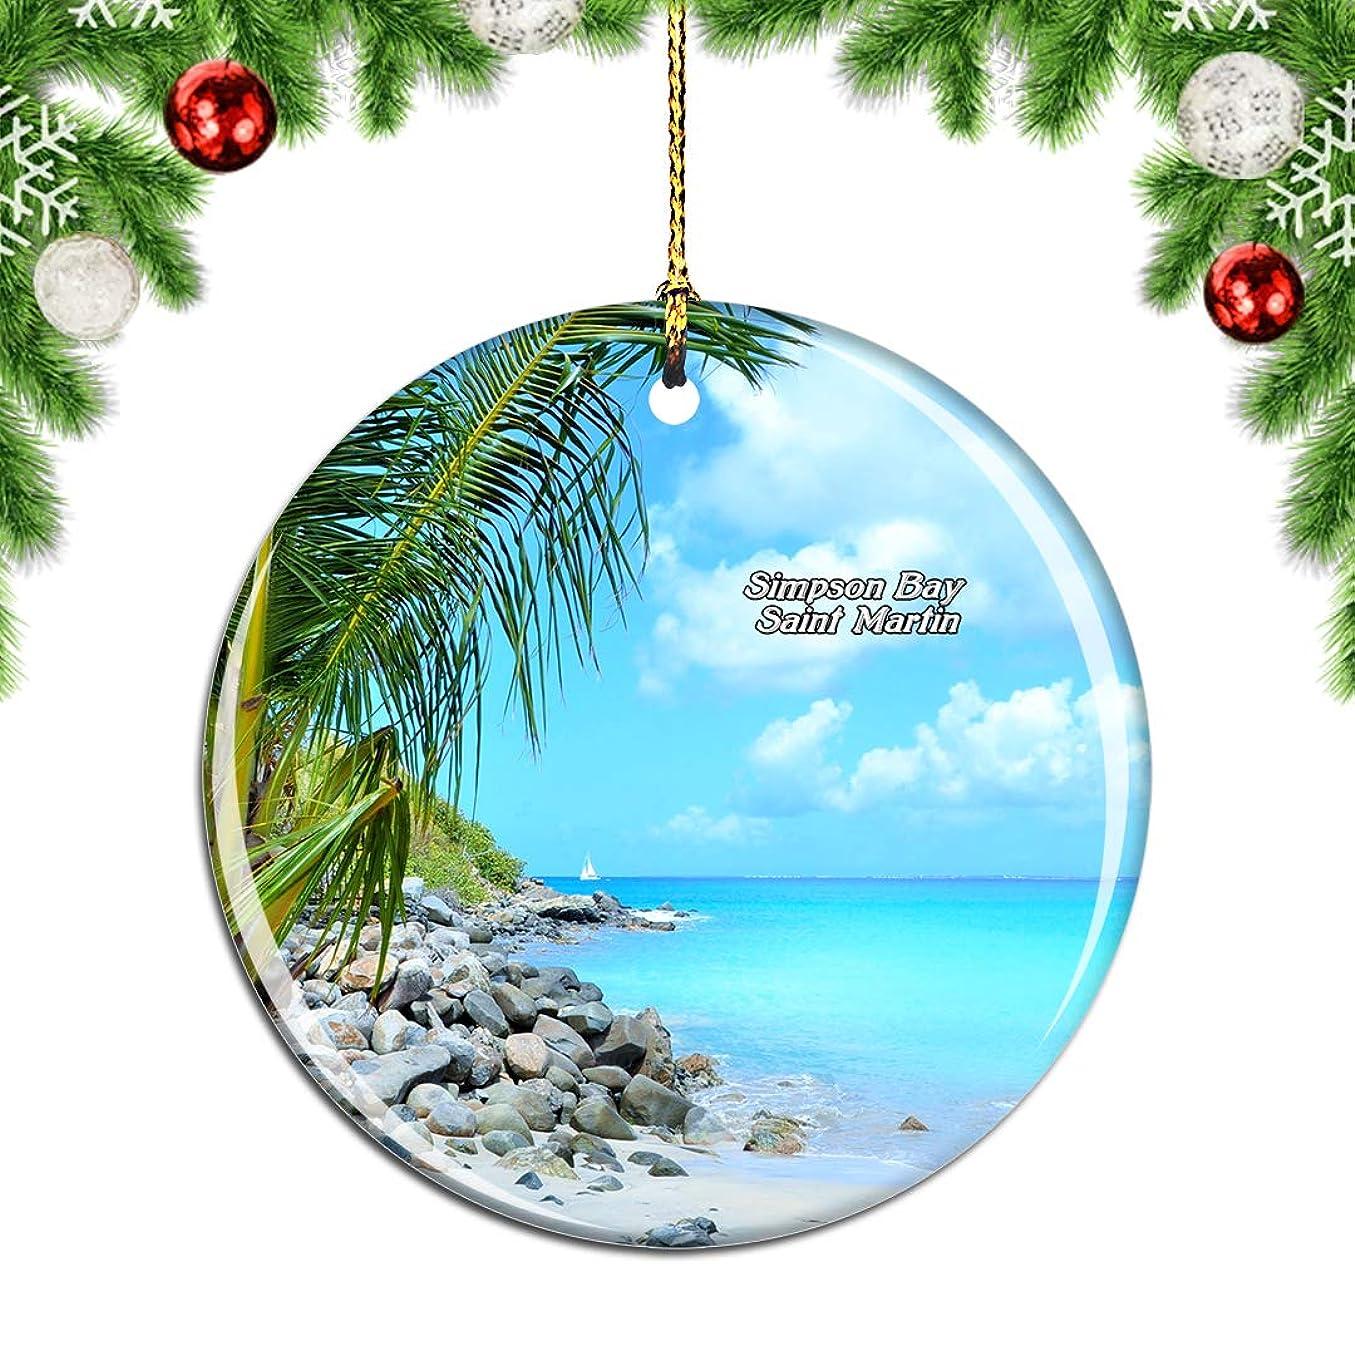 現金スペード哀れなWeekinoシンプソンベイサンマルタン - 副本.pngクリスマスデコレーションオーナメントクリスマスツリーペンダントデコレーションシティトラベルお土産コレクション磁器2.85インチ